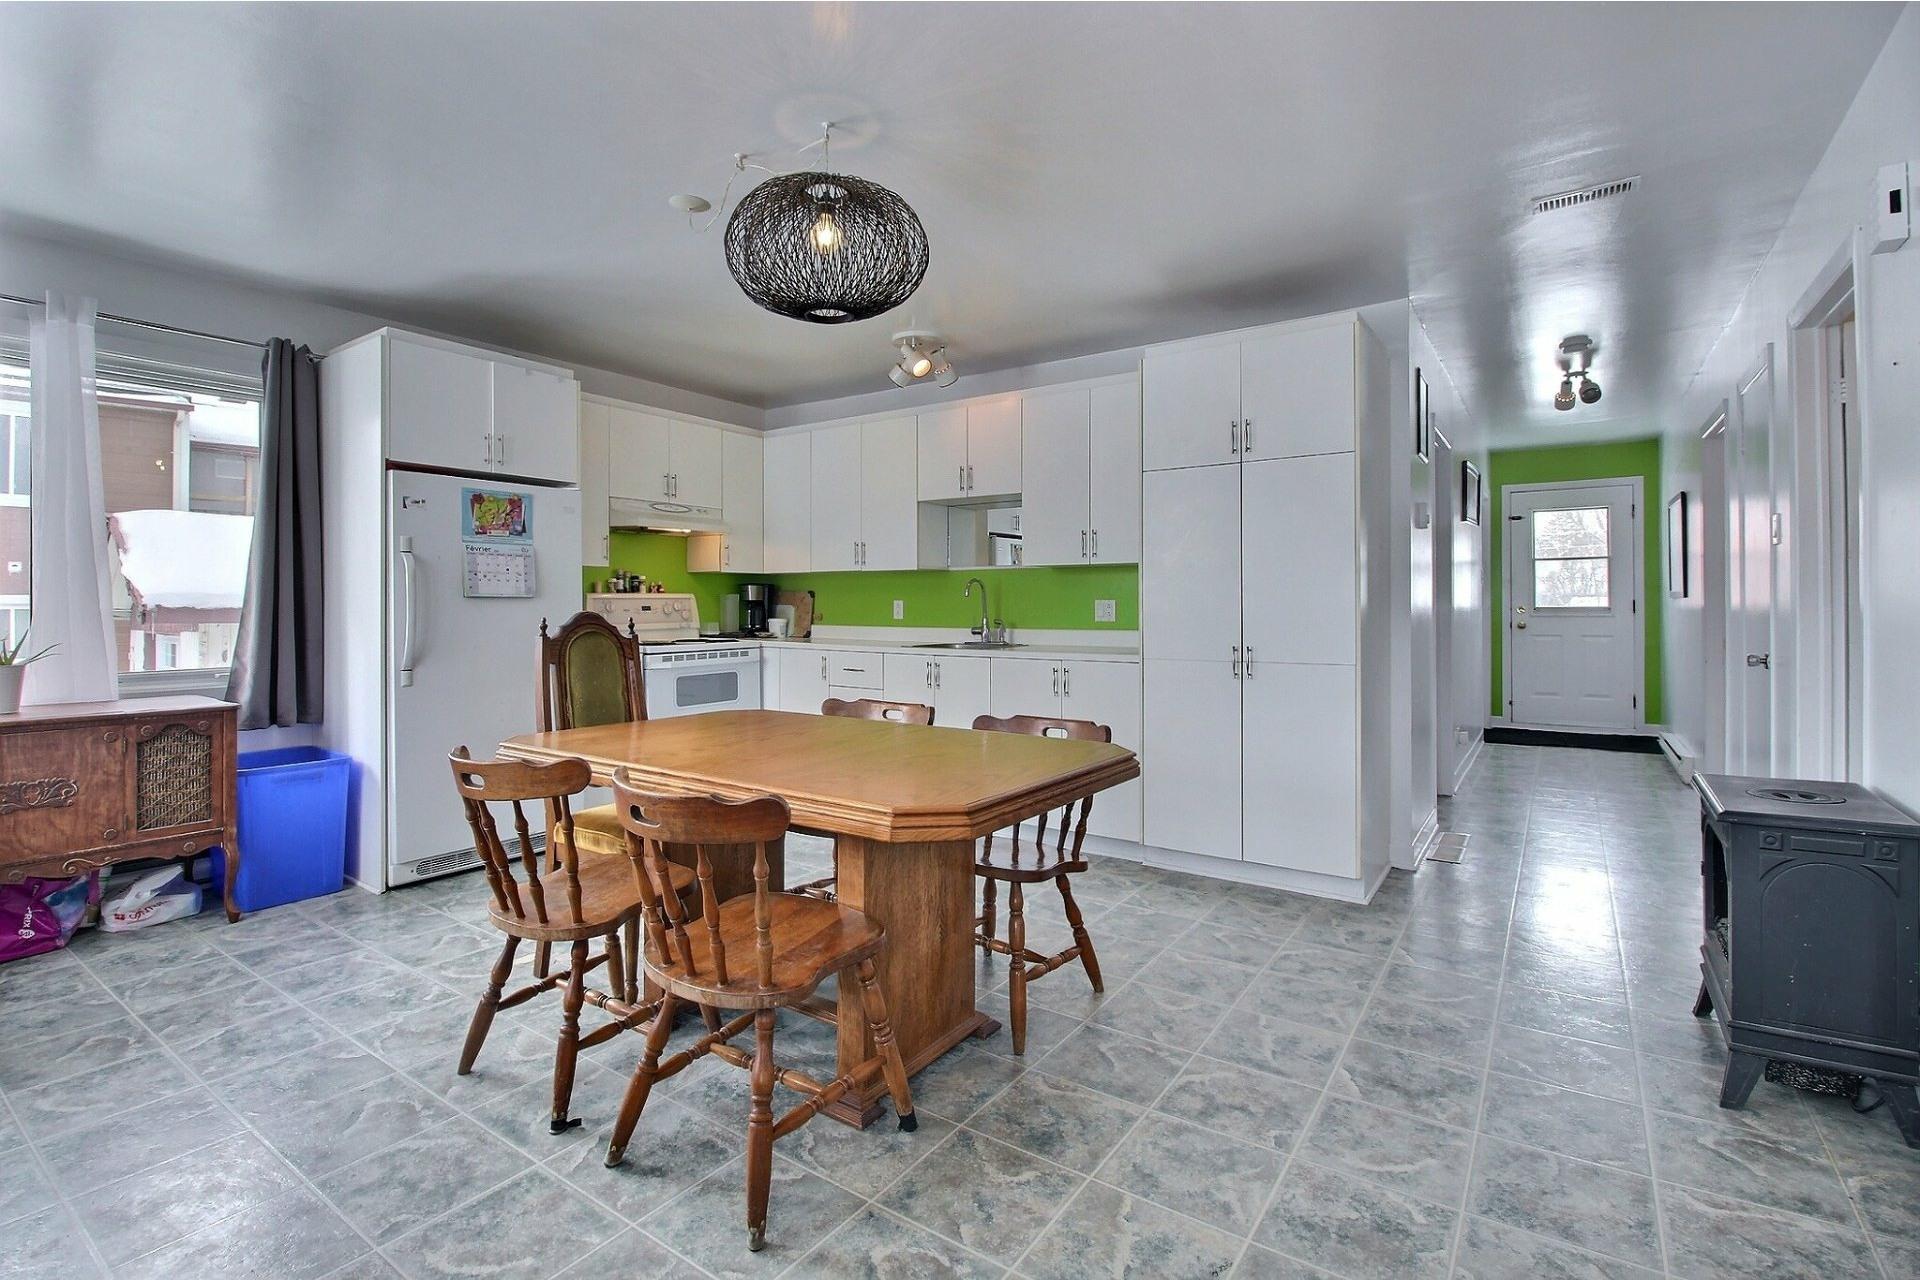 image 7 - Maison À vendre Sainte-Anne-des-Plaines - 8 pièces